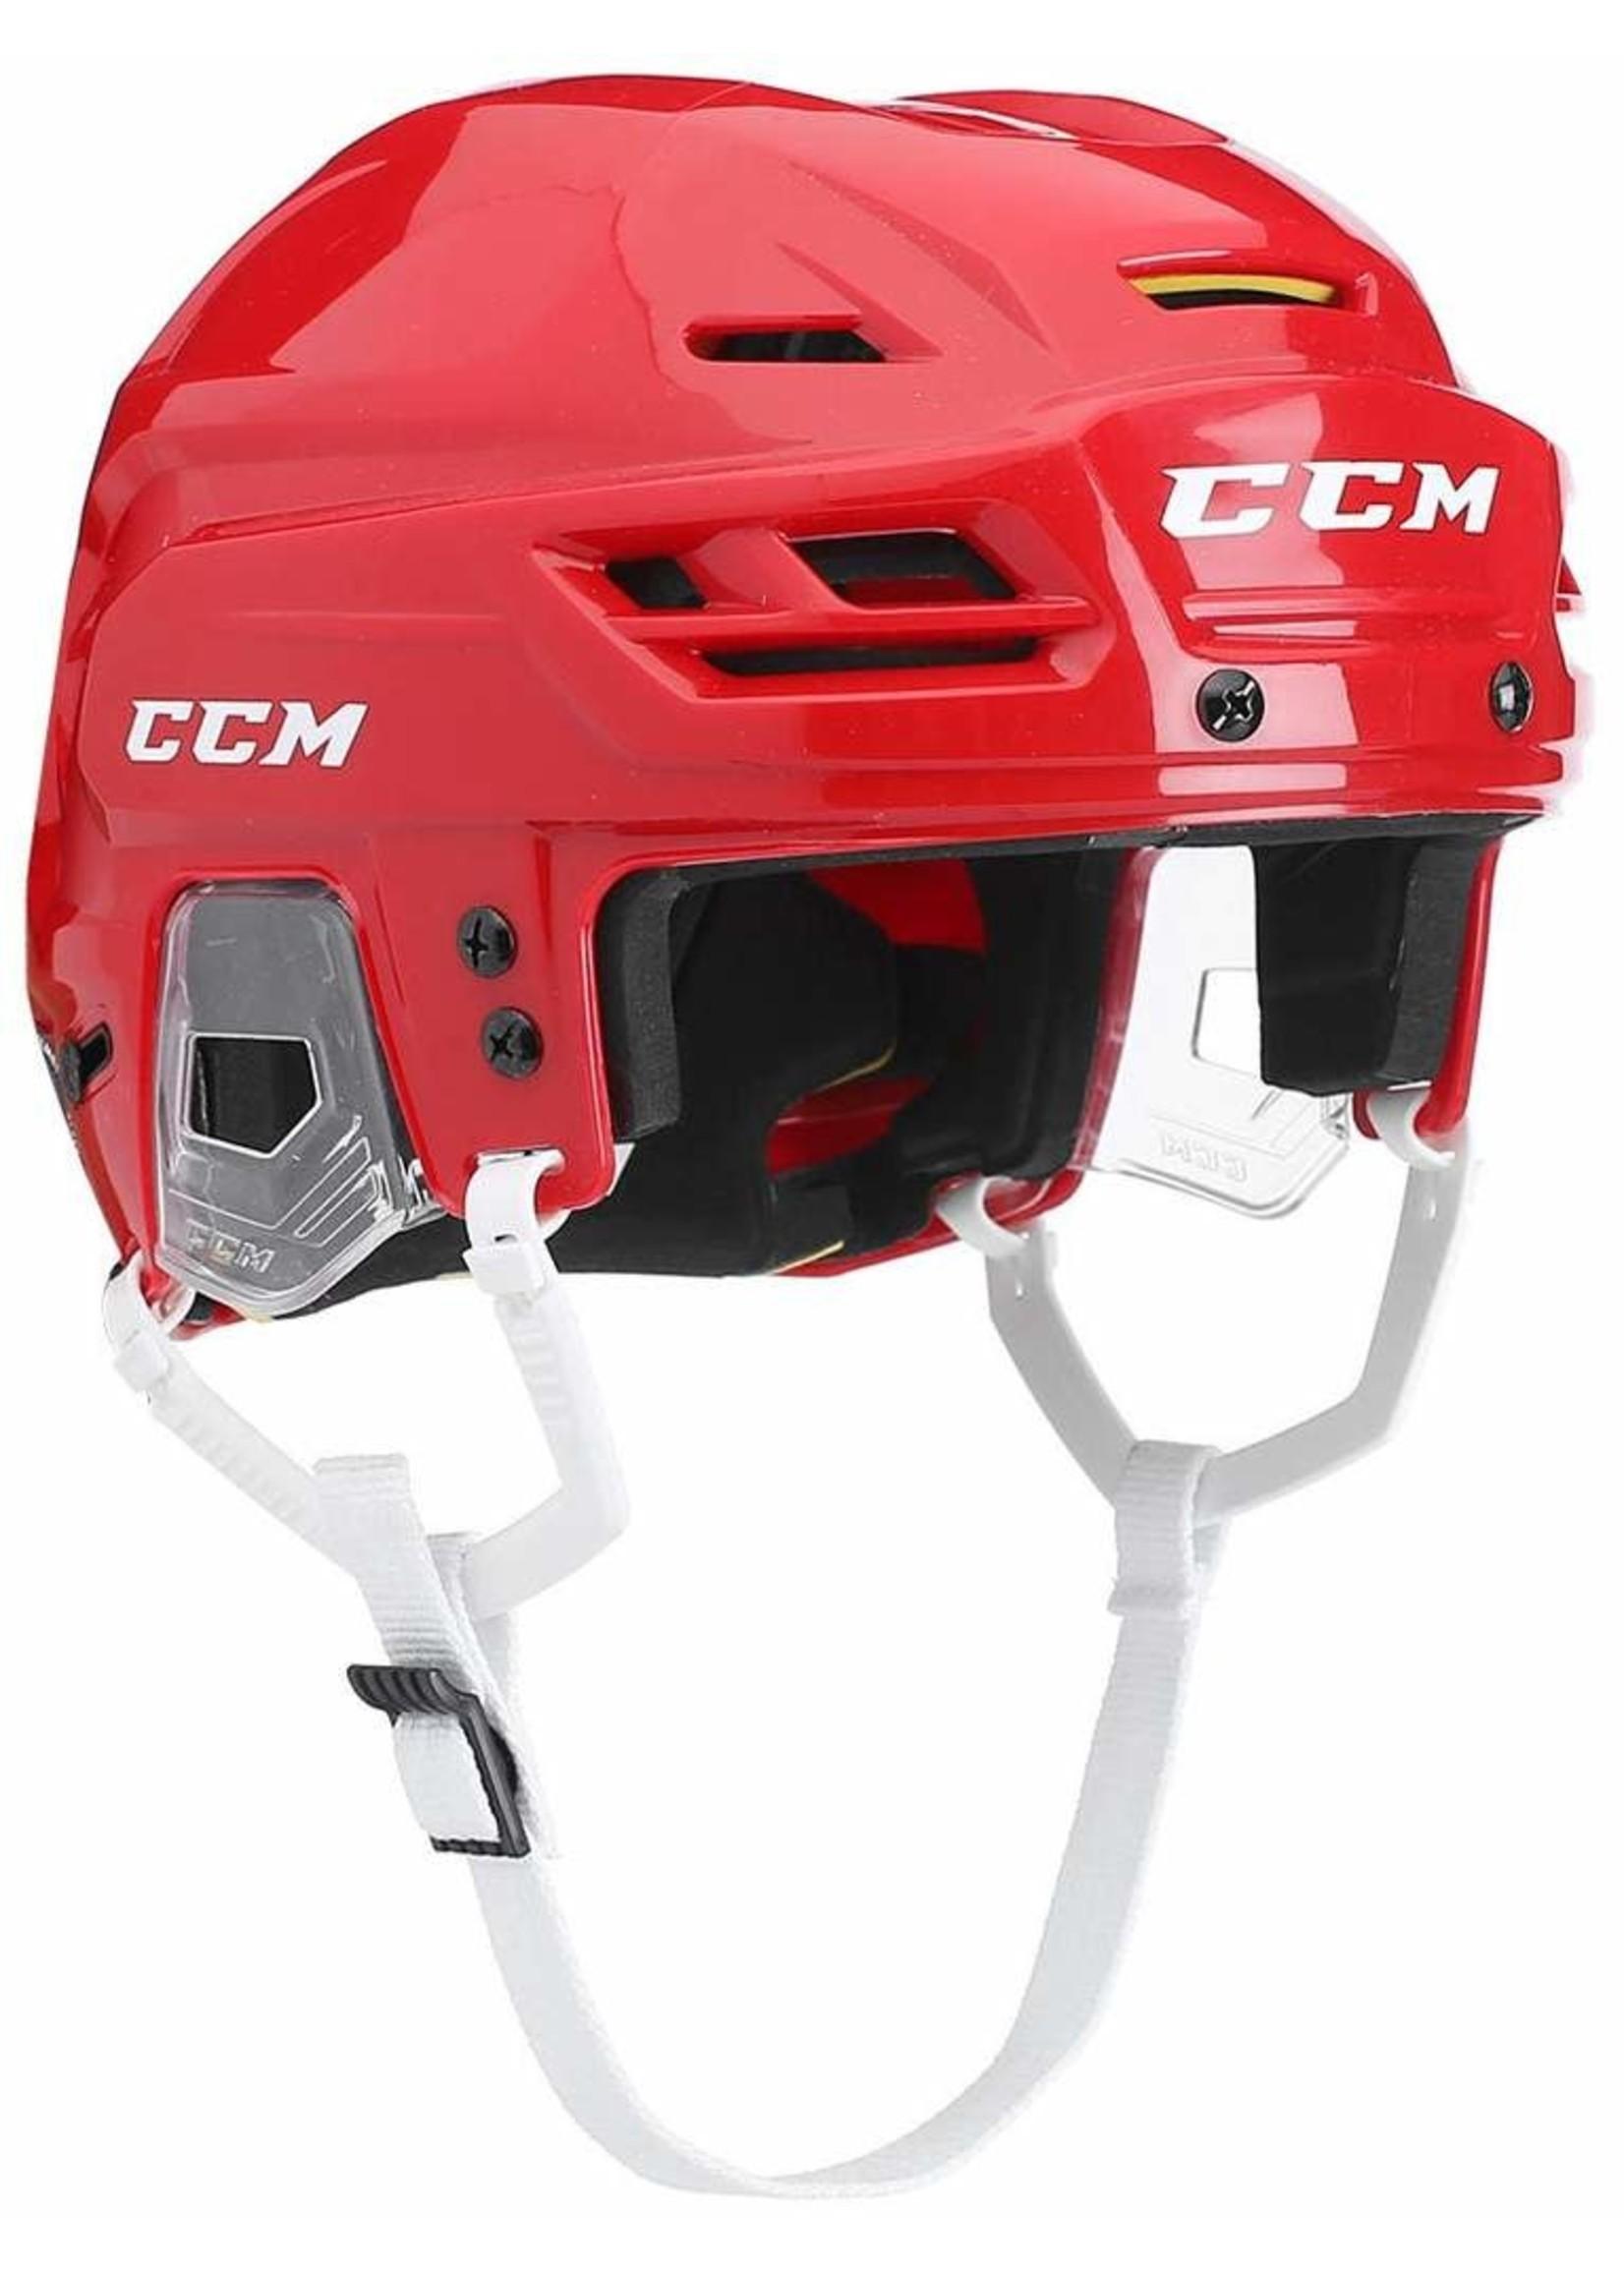 CCM CCM TACKS 310 CASQUE HOCKEY ROUGE